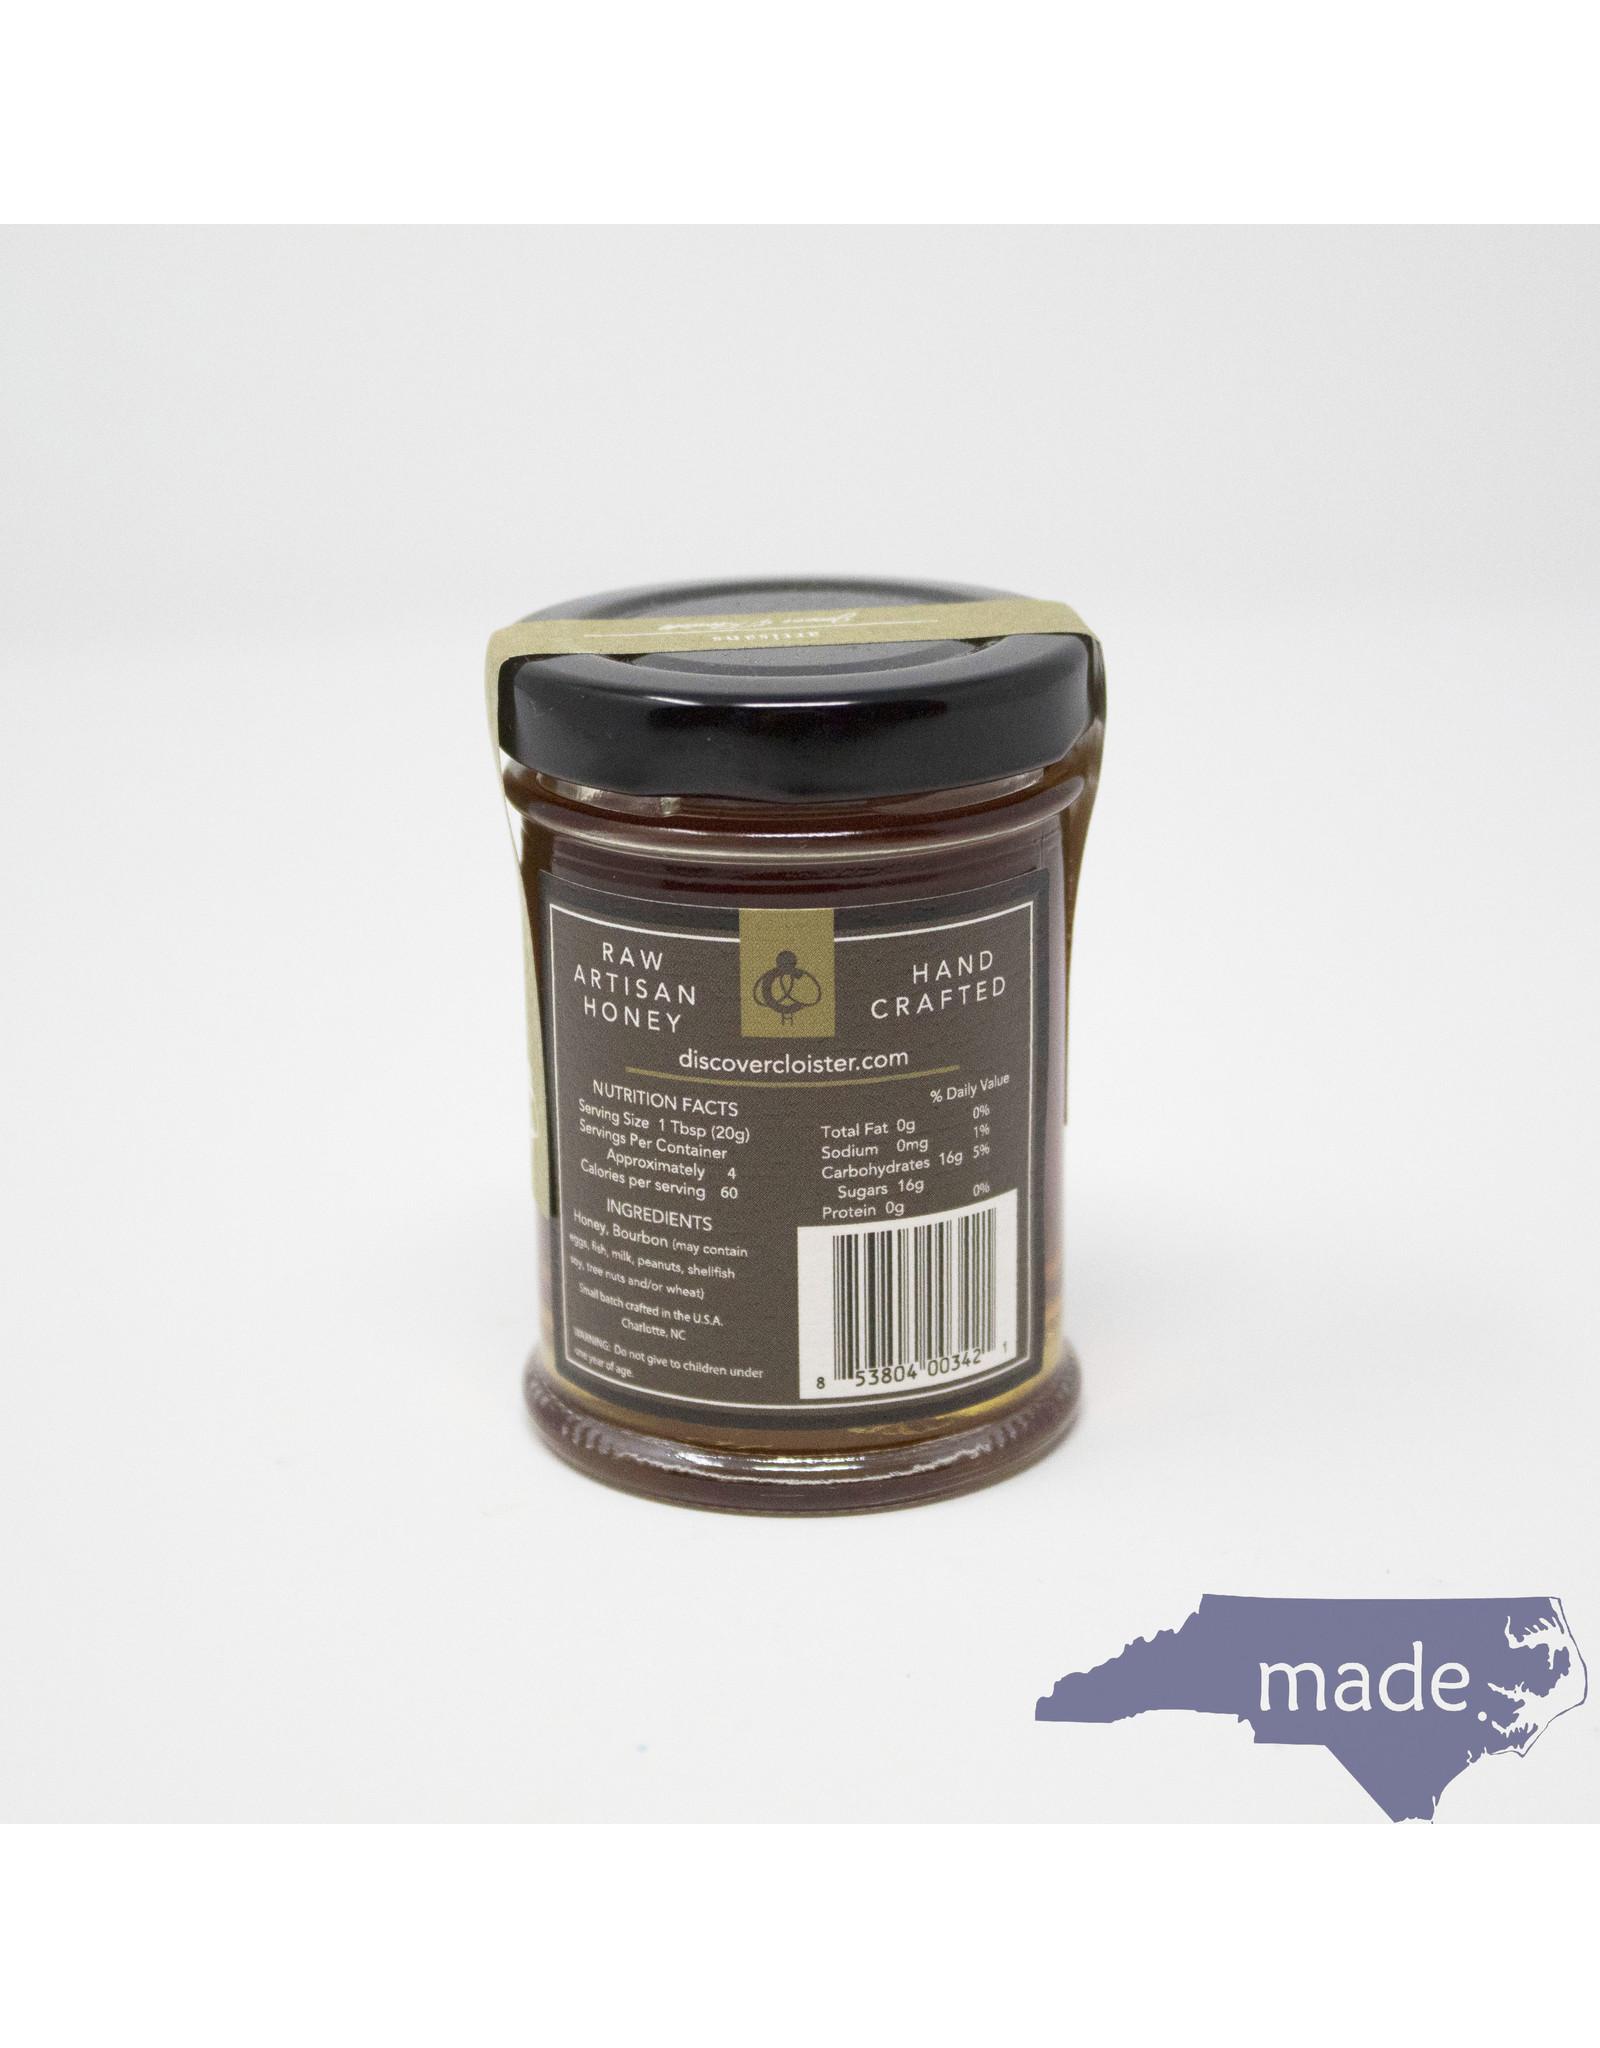 Cloister Honey Bourbon Infused Honey 3 oz.  - Cloister Honey